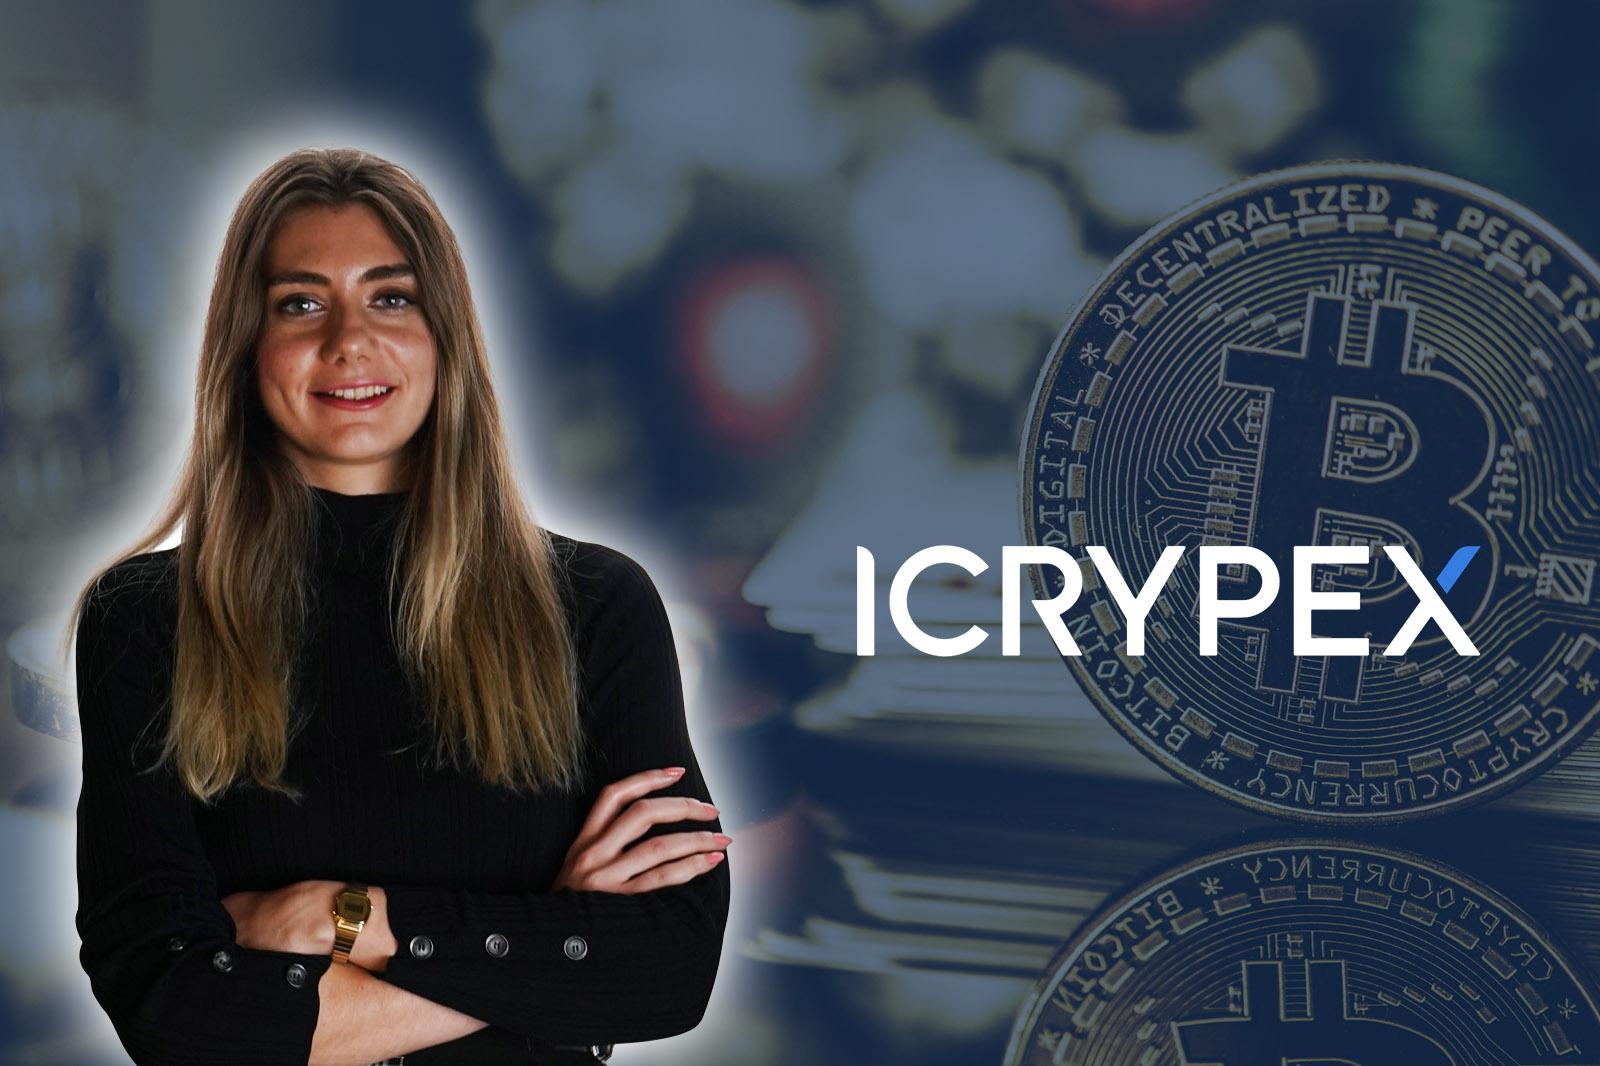 icrypex.com